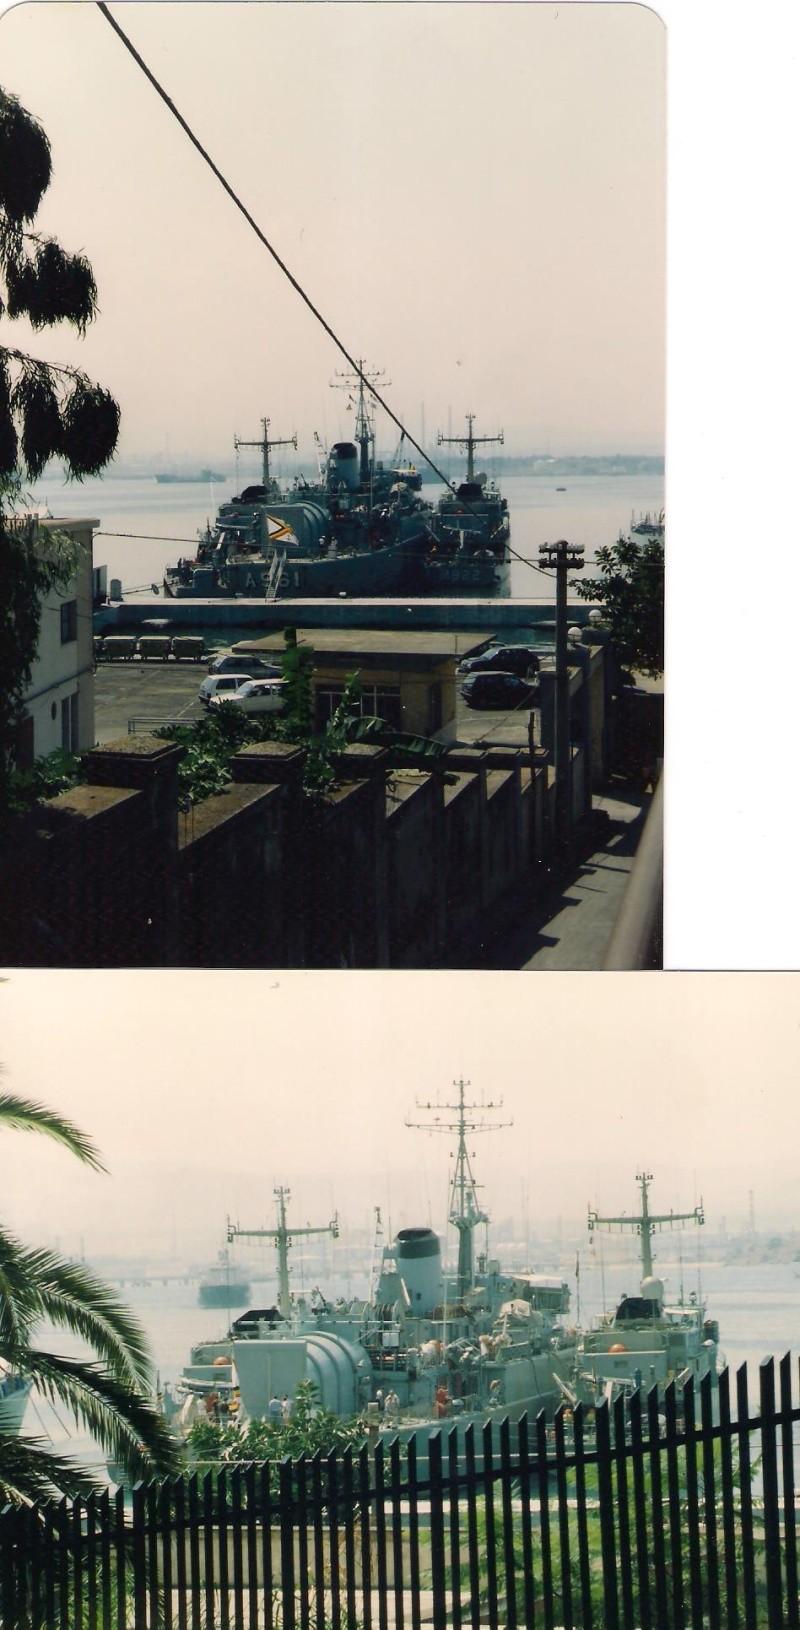 A961 Zinnia - Operation SOUTHERN BREEZE S_b_710